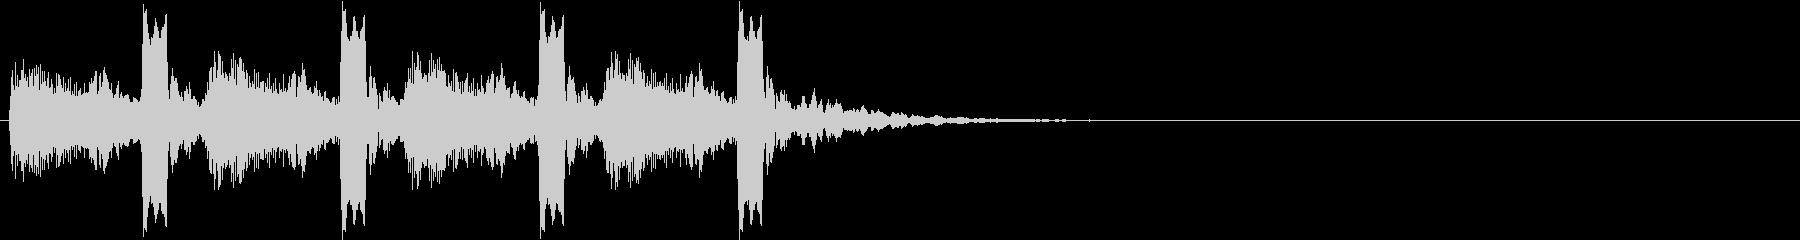 鳩時計 ポッポーポッポーポッポーポッポーの未再生の波形